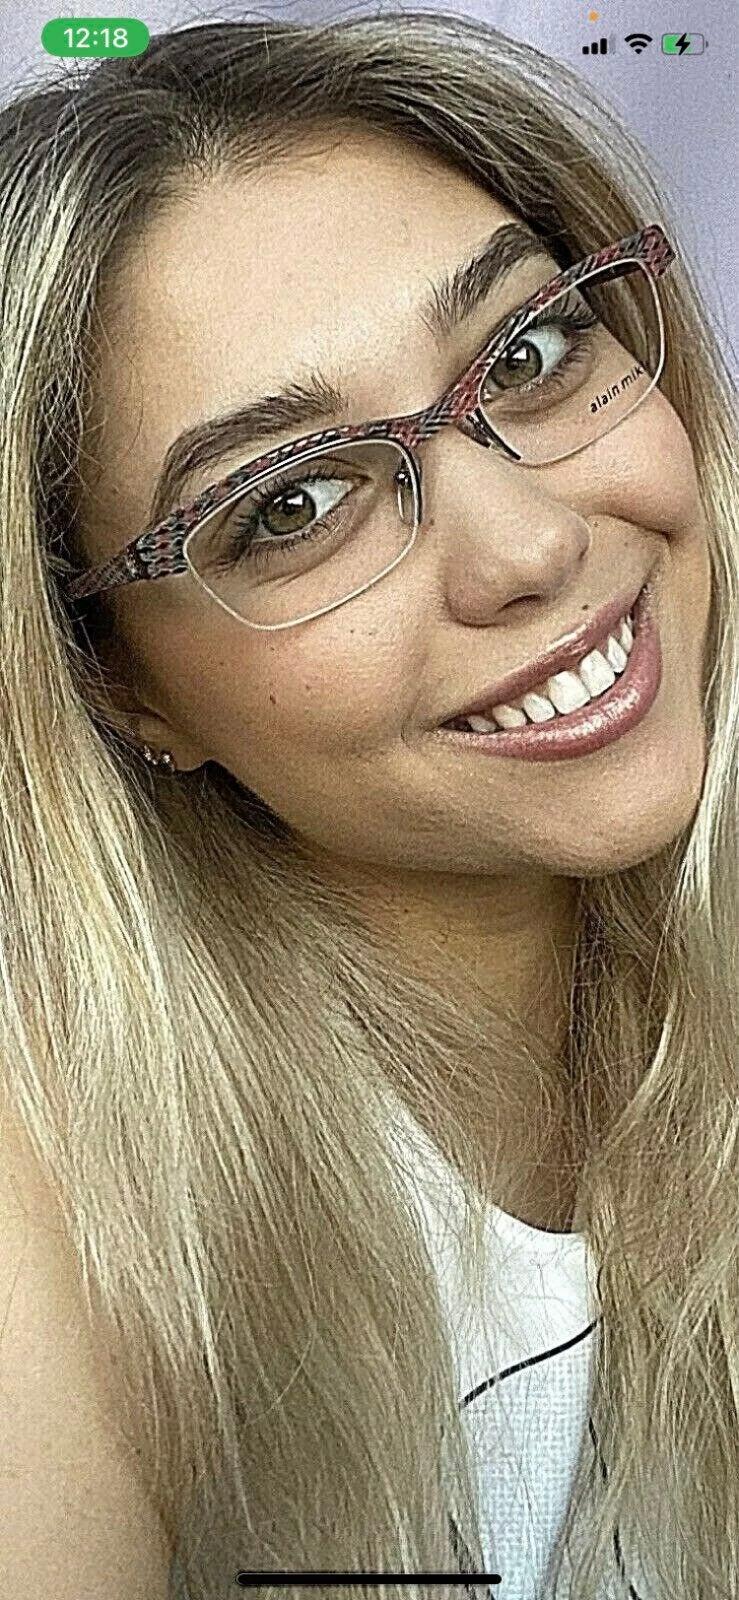 New Alain Mikli Women's Eyeglasses Frame